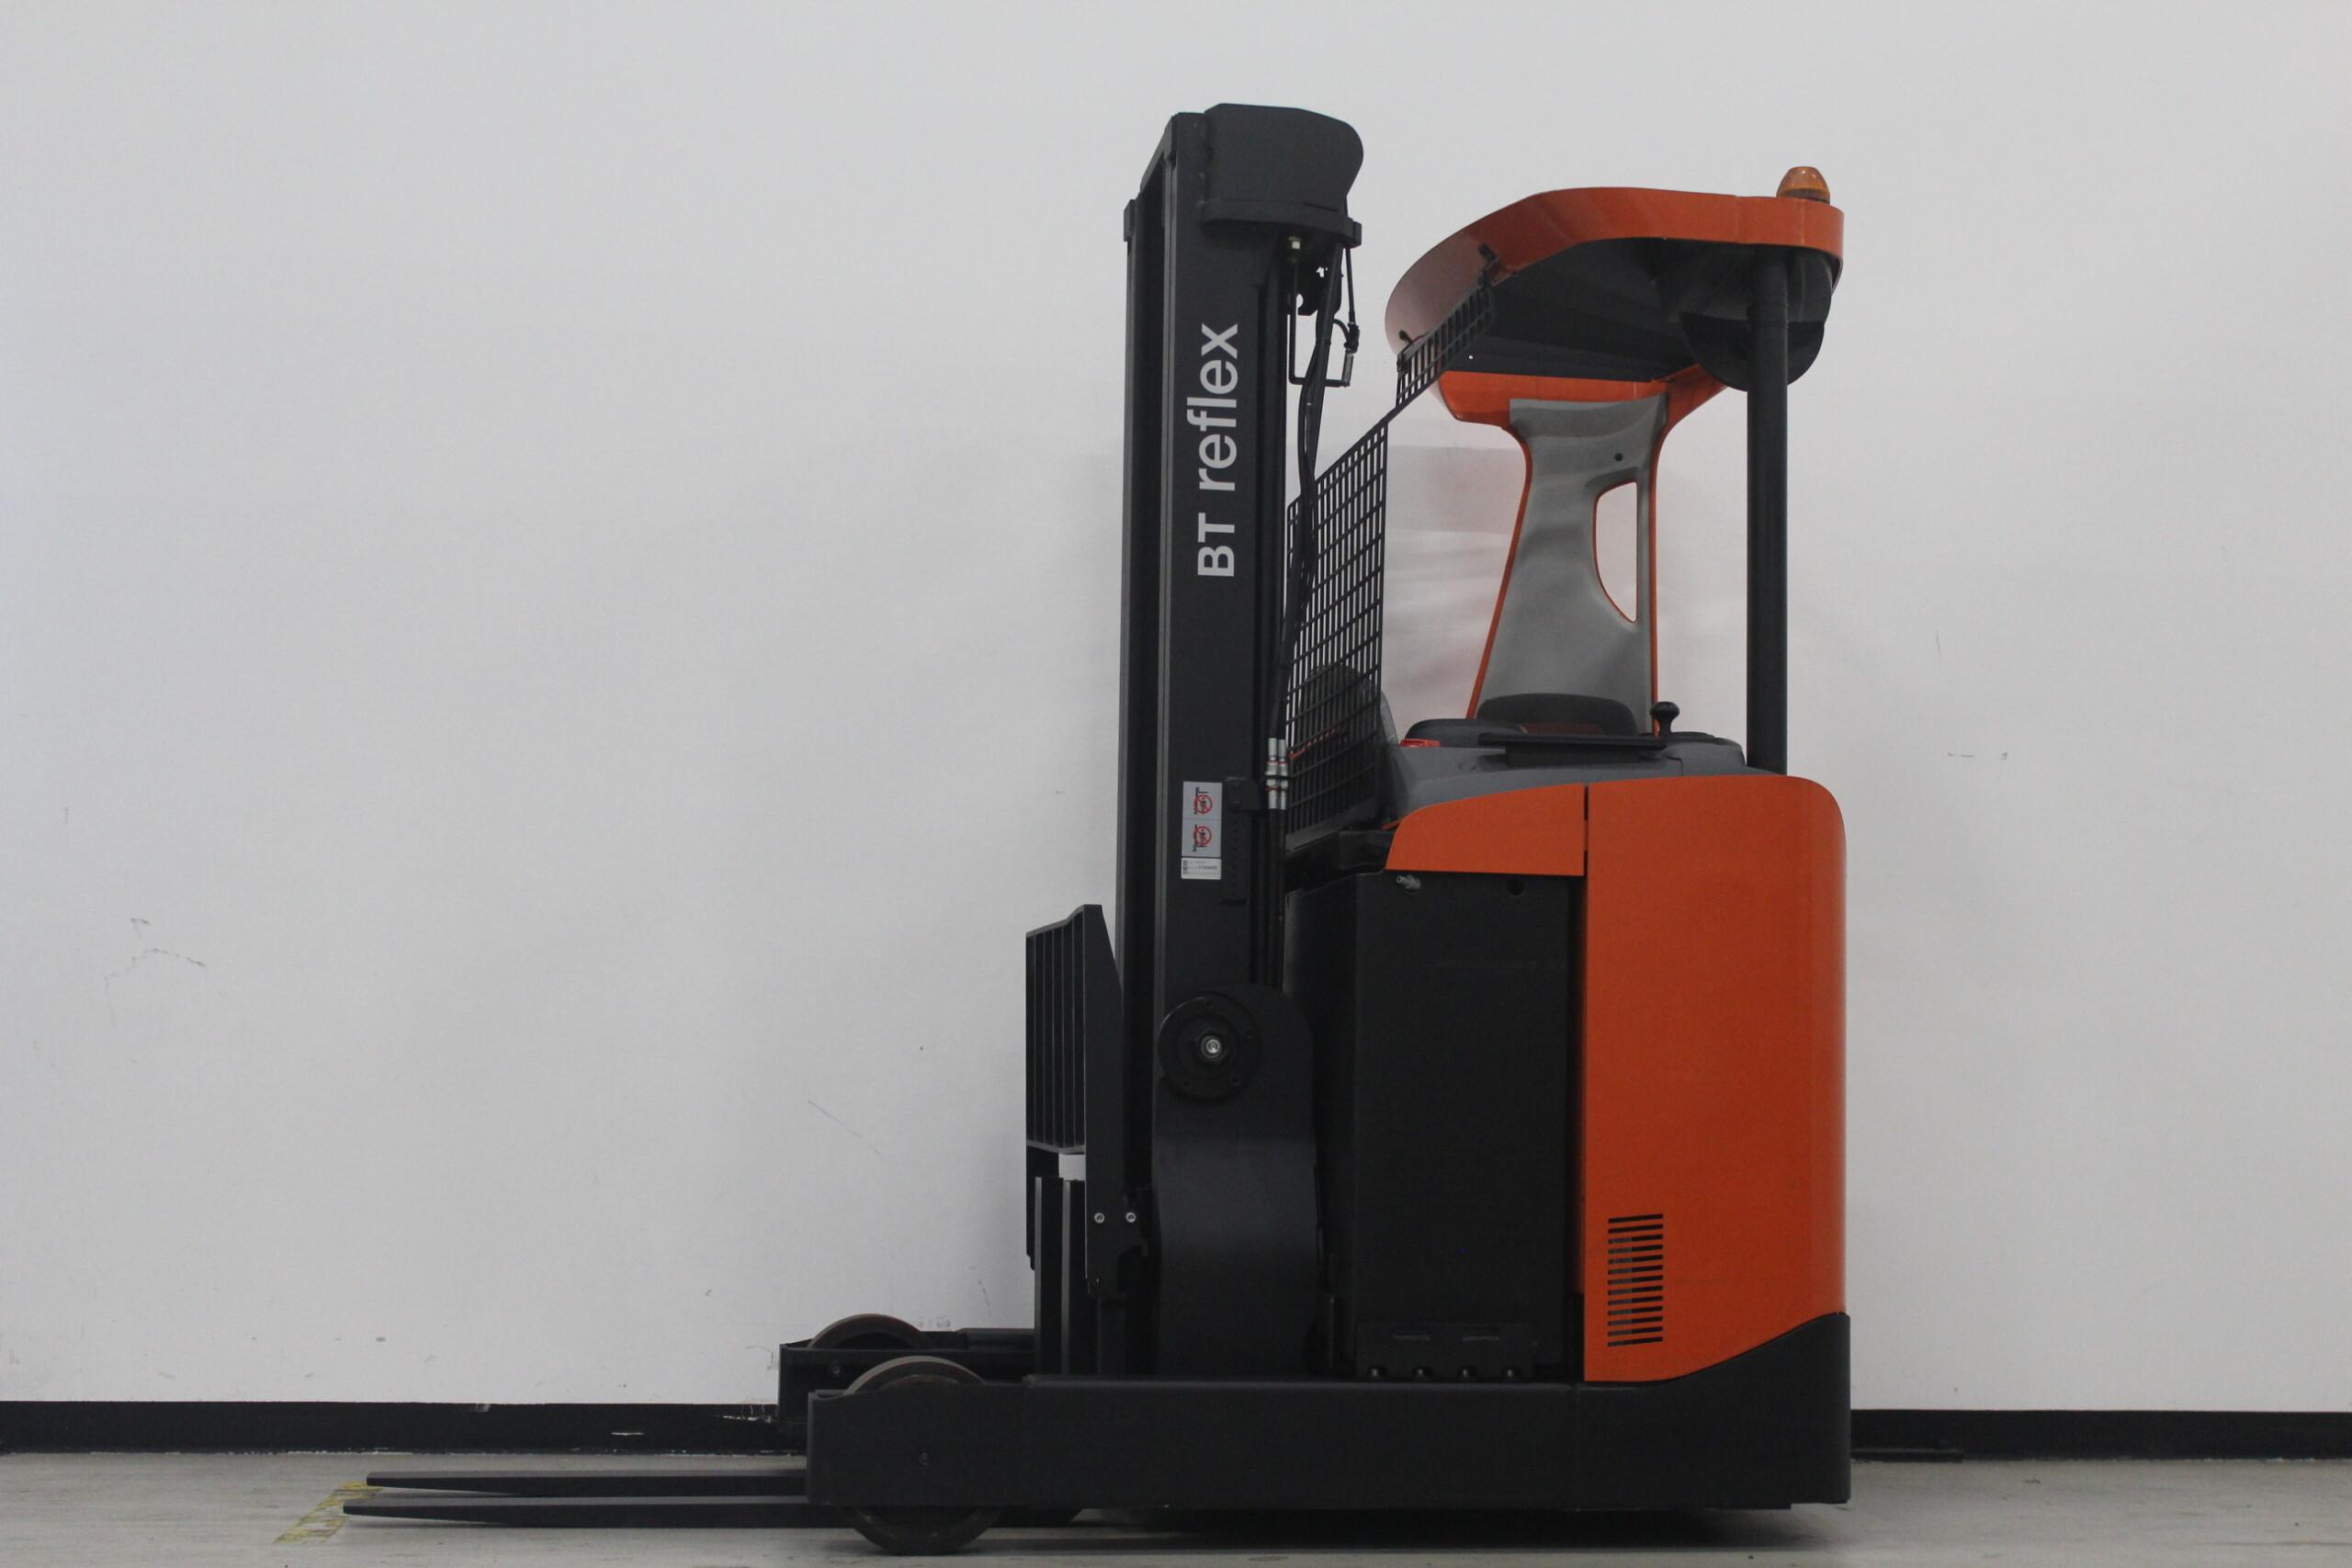 Toyota-Gabelstapler-59840 1604020085 1 35 scaled